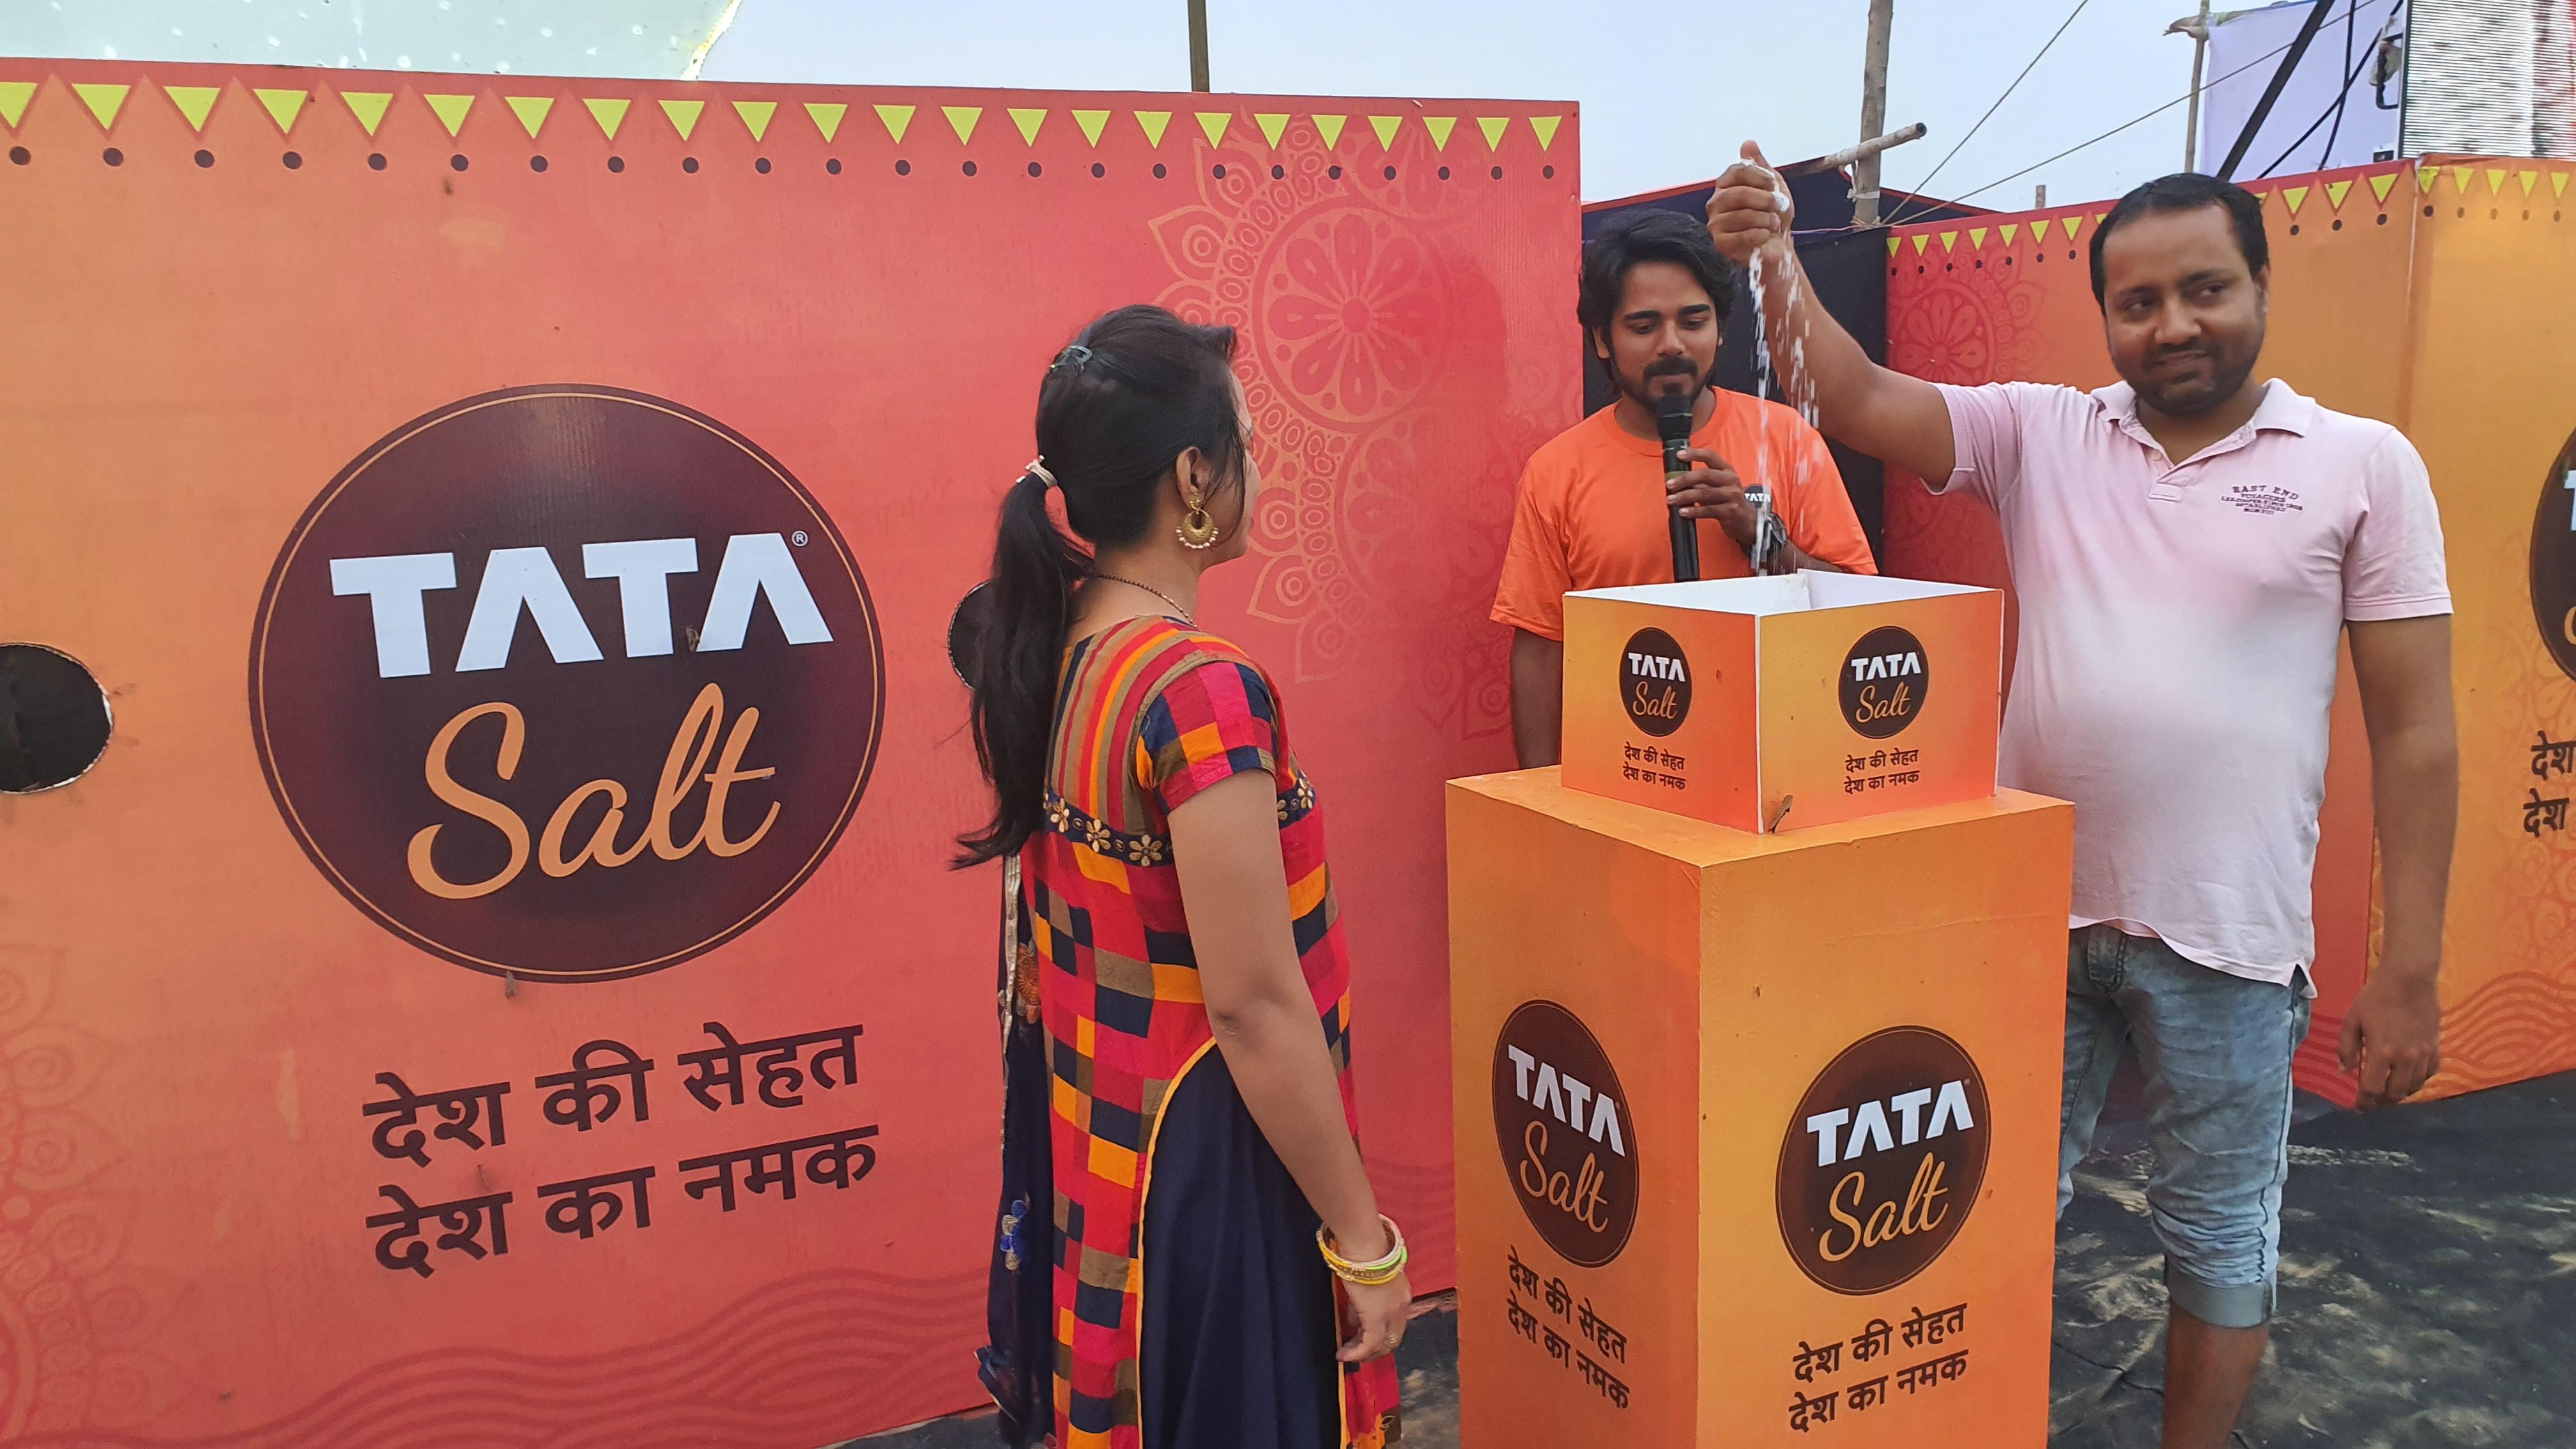 Shakti ka Samman Campaign in Patna